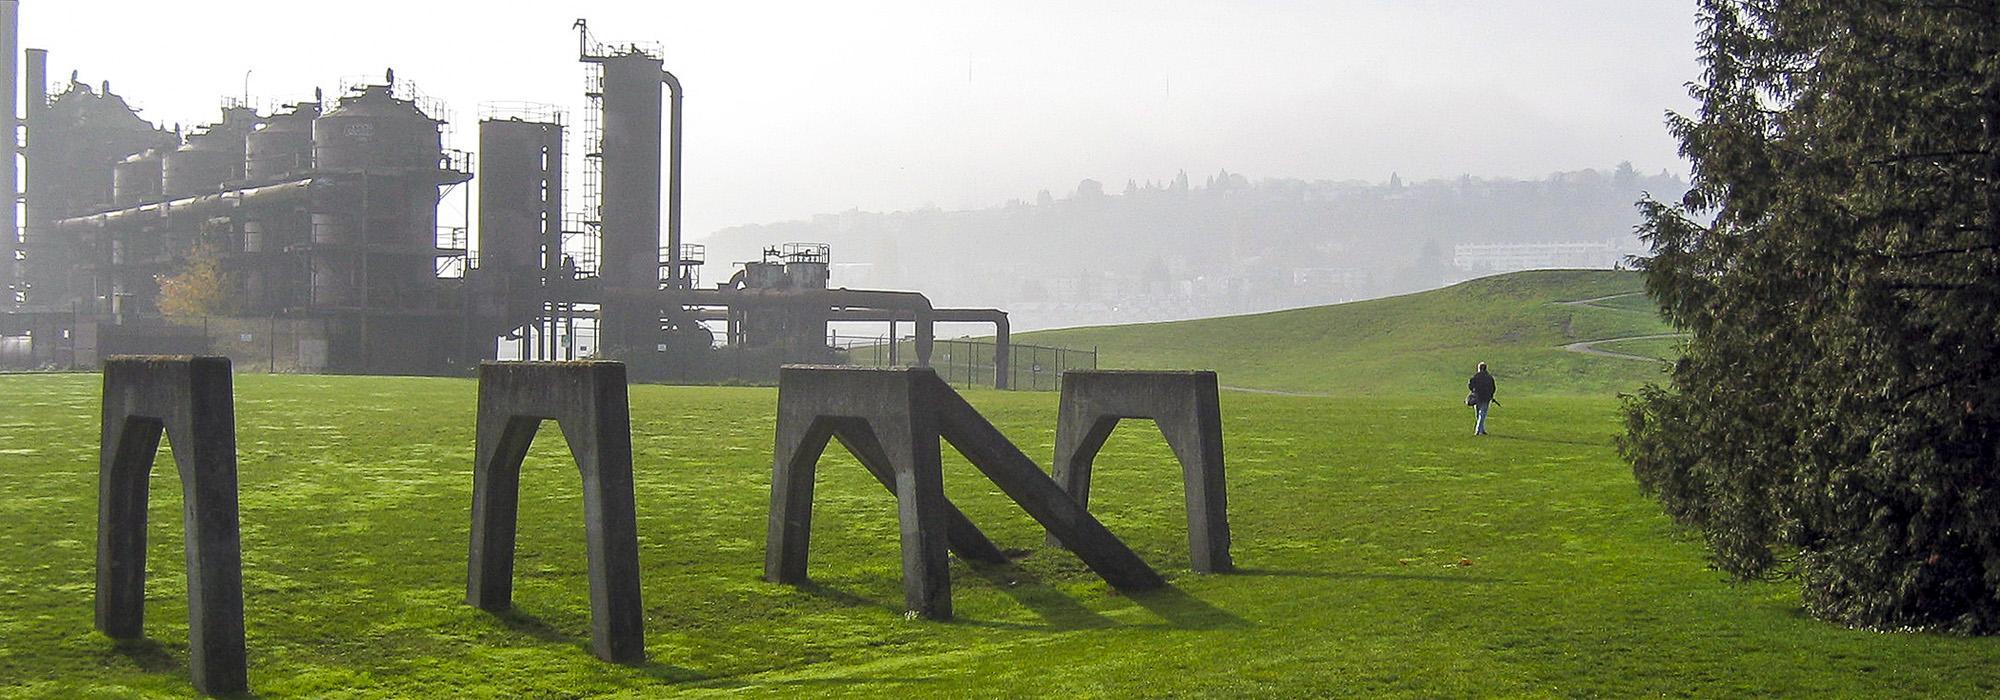 GasWorksPark.jpg